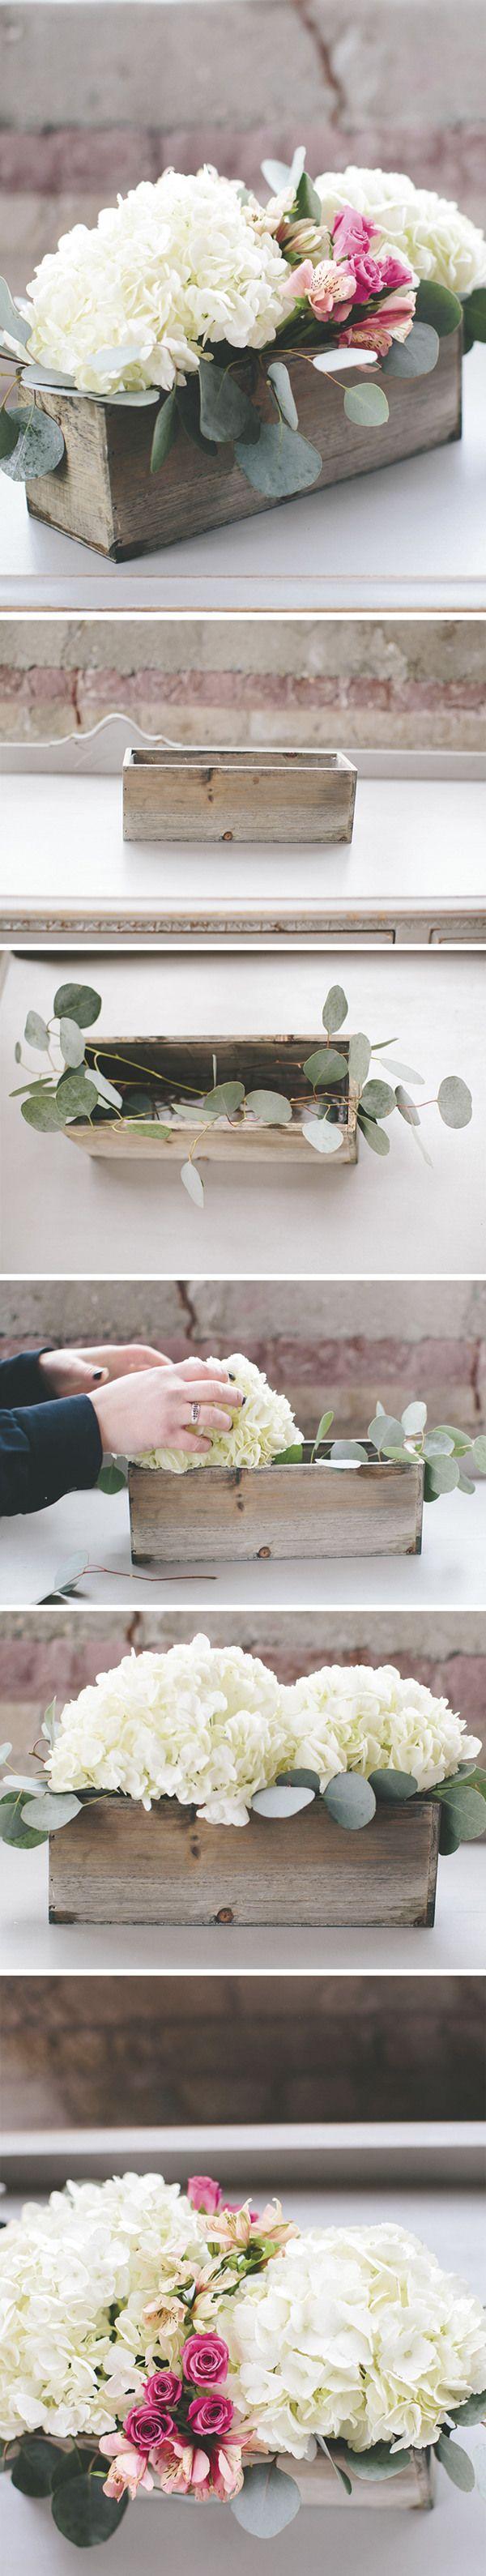 creative diy wedding centerpieces with tutorials hydrangea